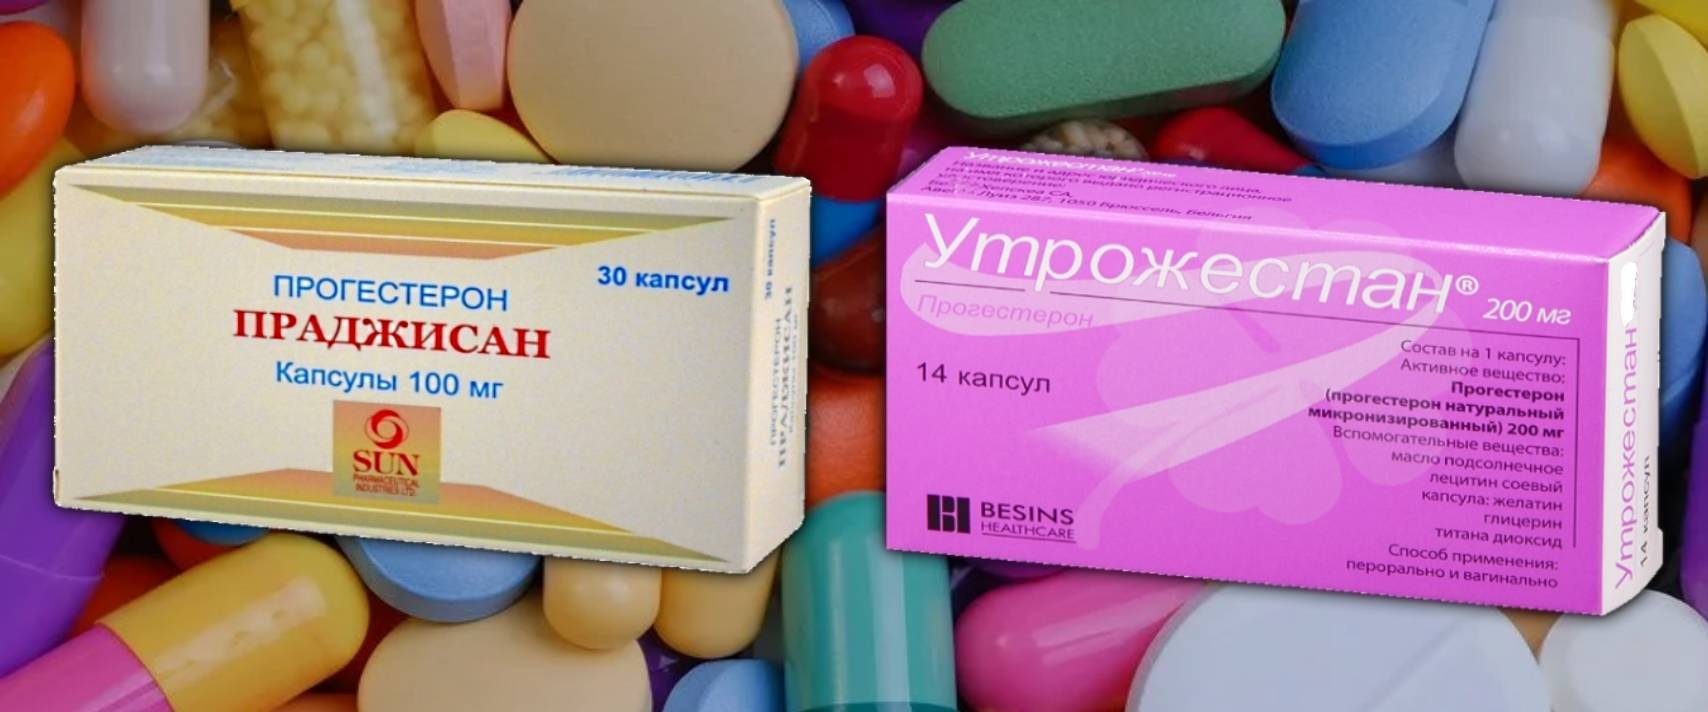 Утрожестан при беременности | доза и побочные действия утрожестана при беременности | компетентно о здоровье на ilive